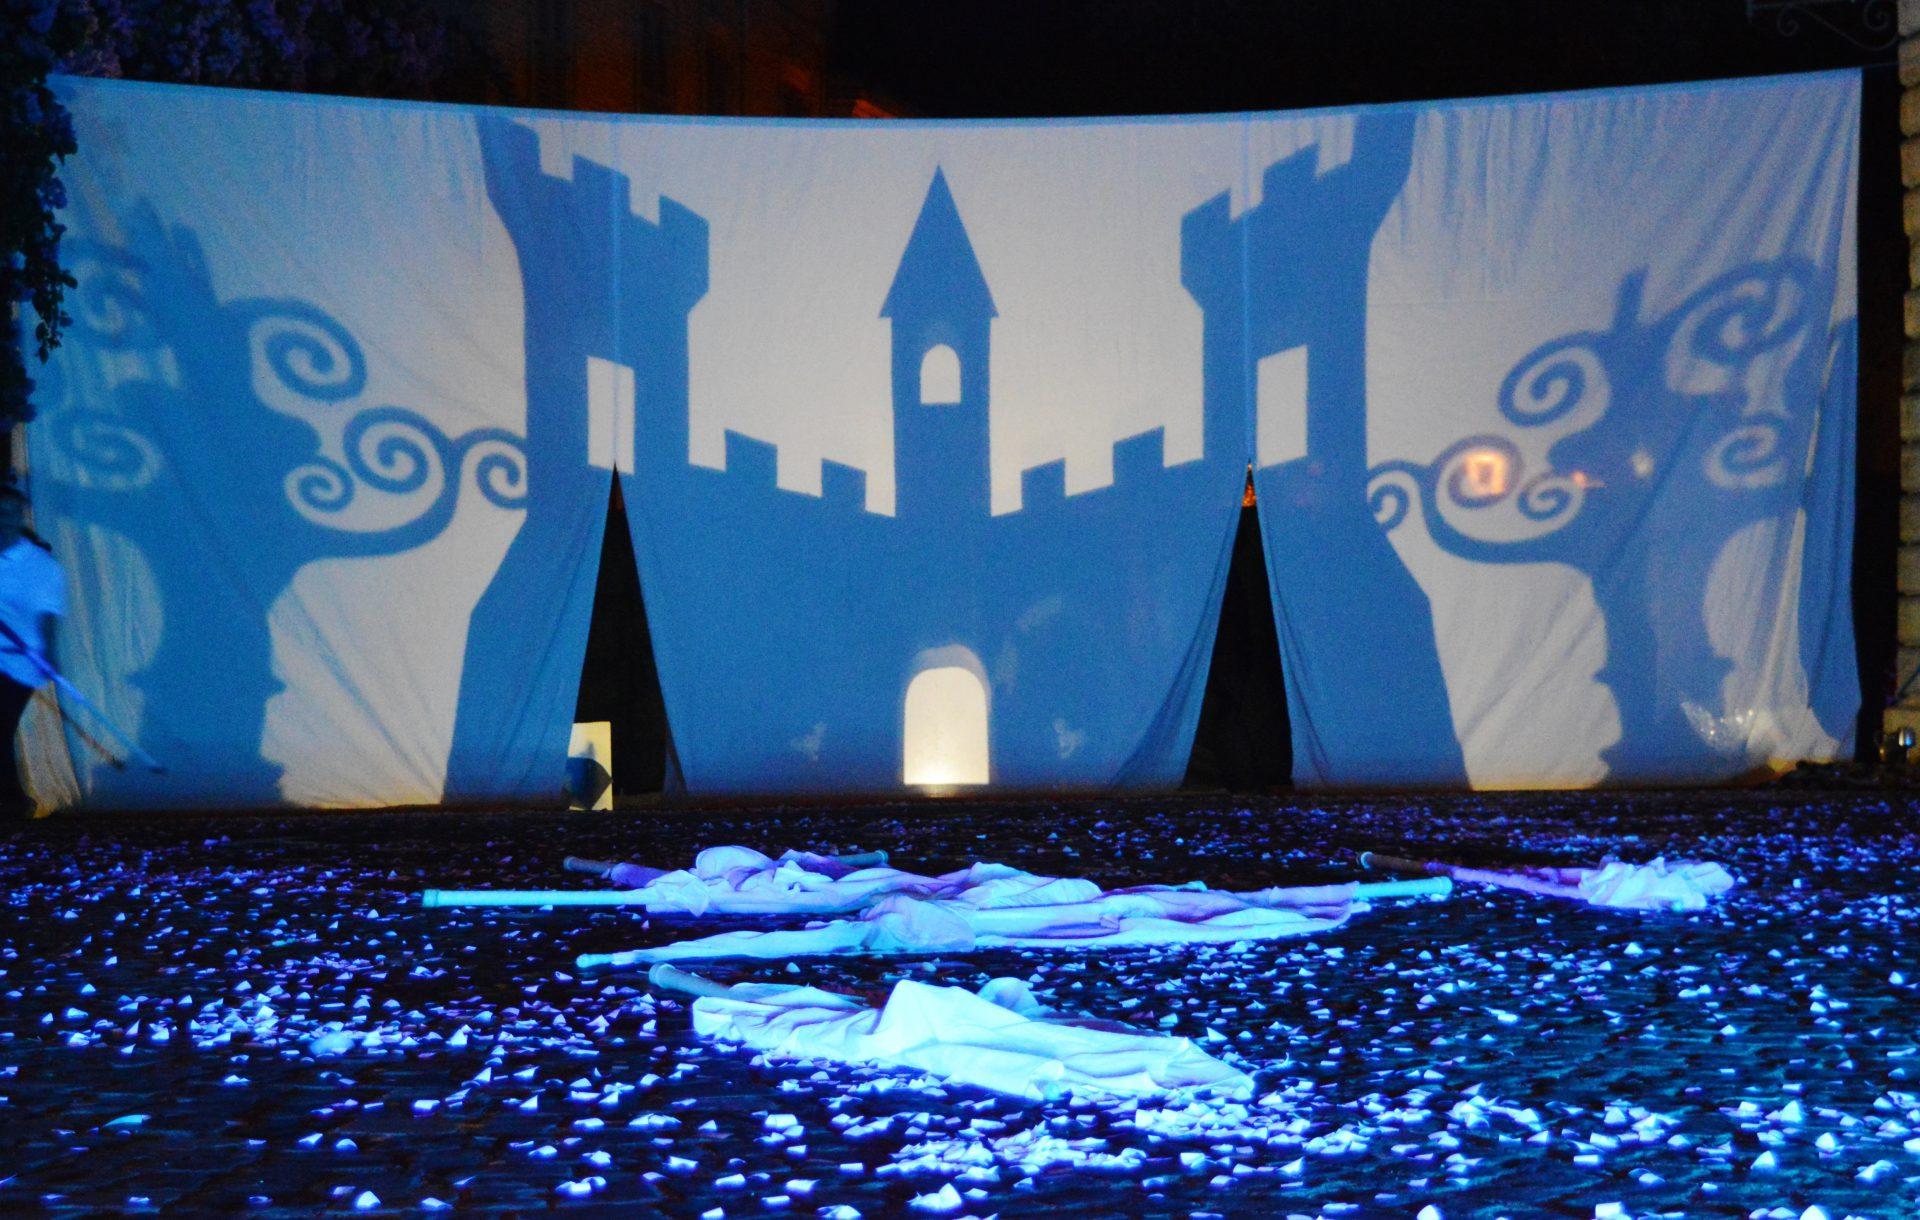 Impianto scenografico dello spettacolo, realizzato con ombre proiettate su telo bianco